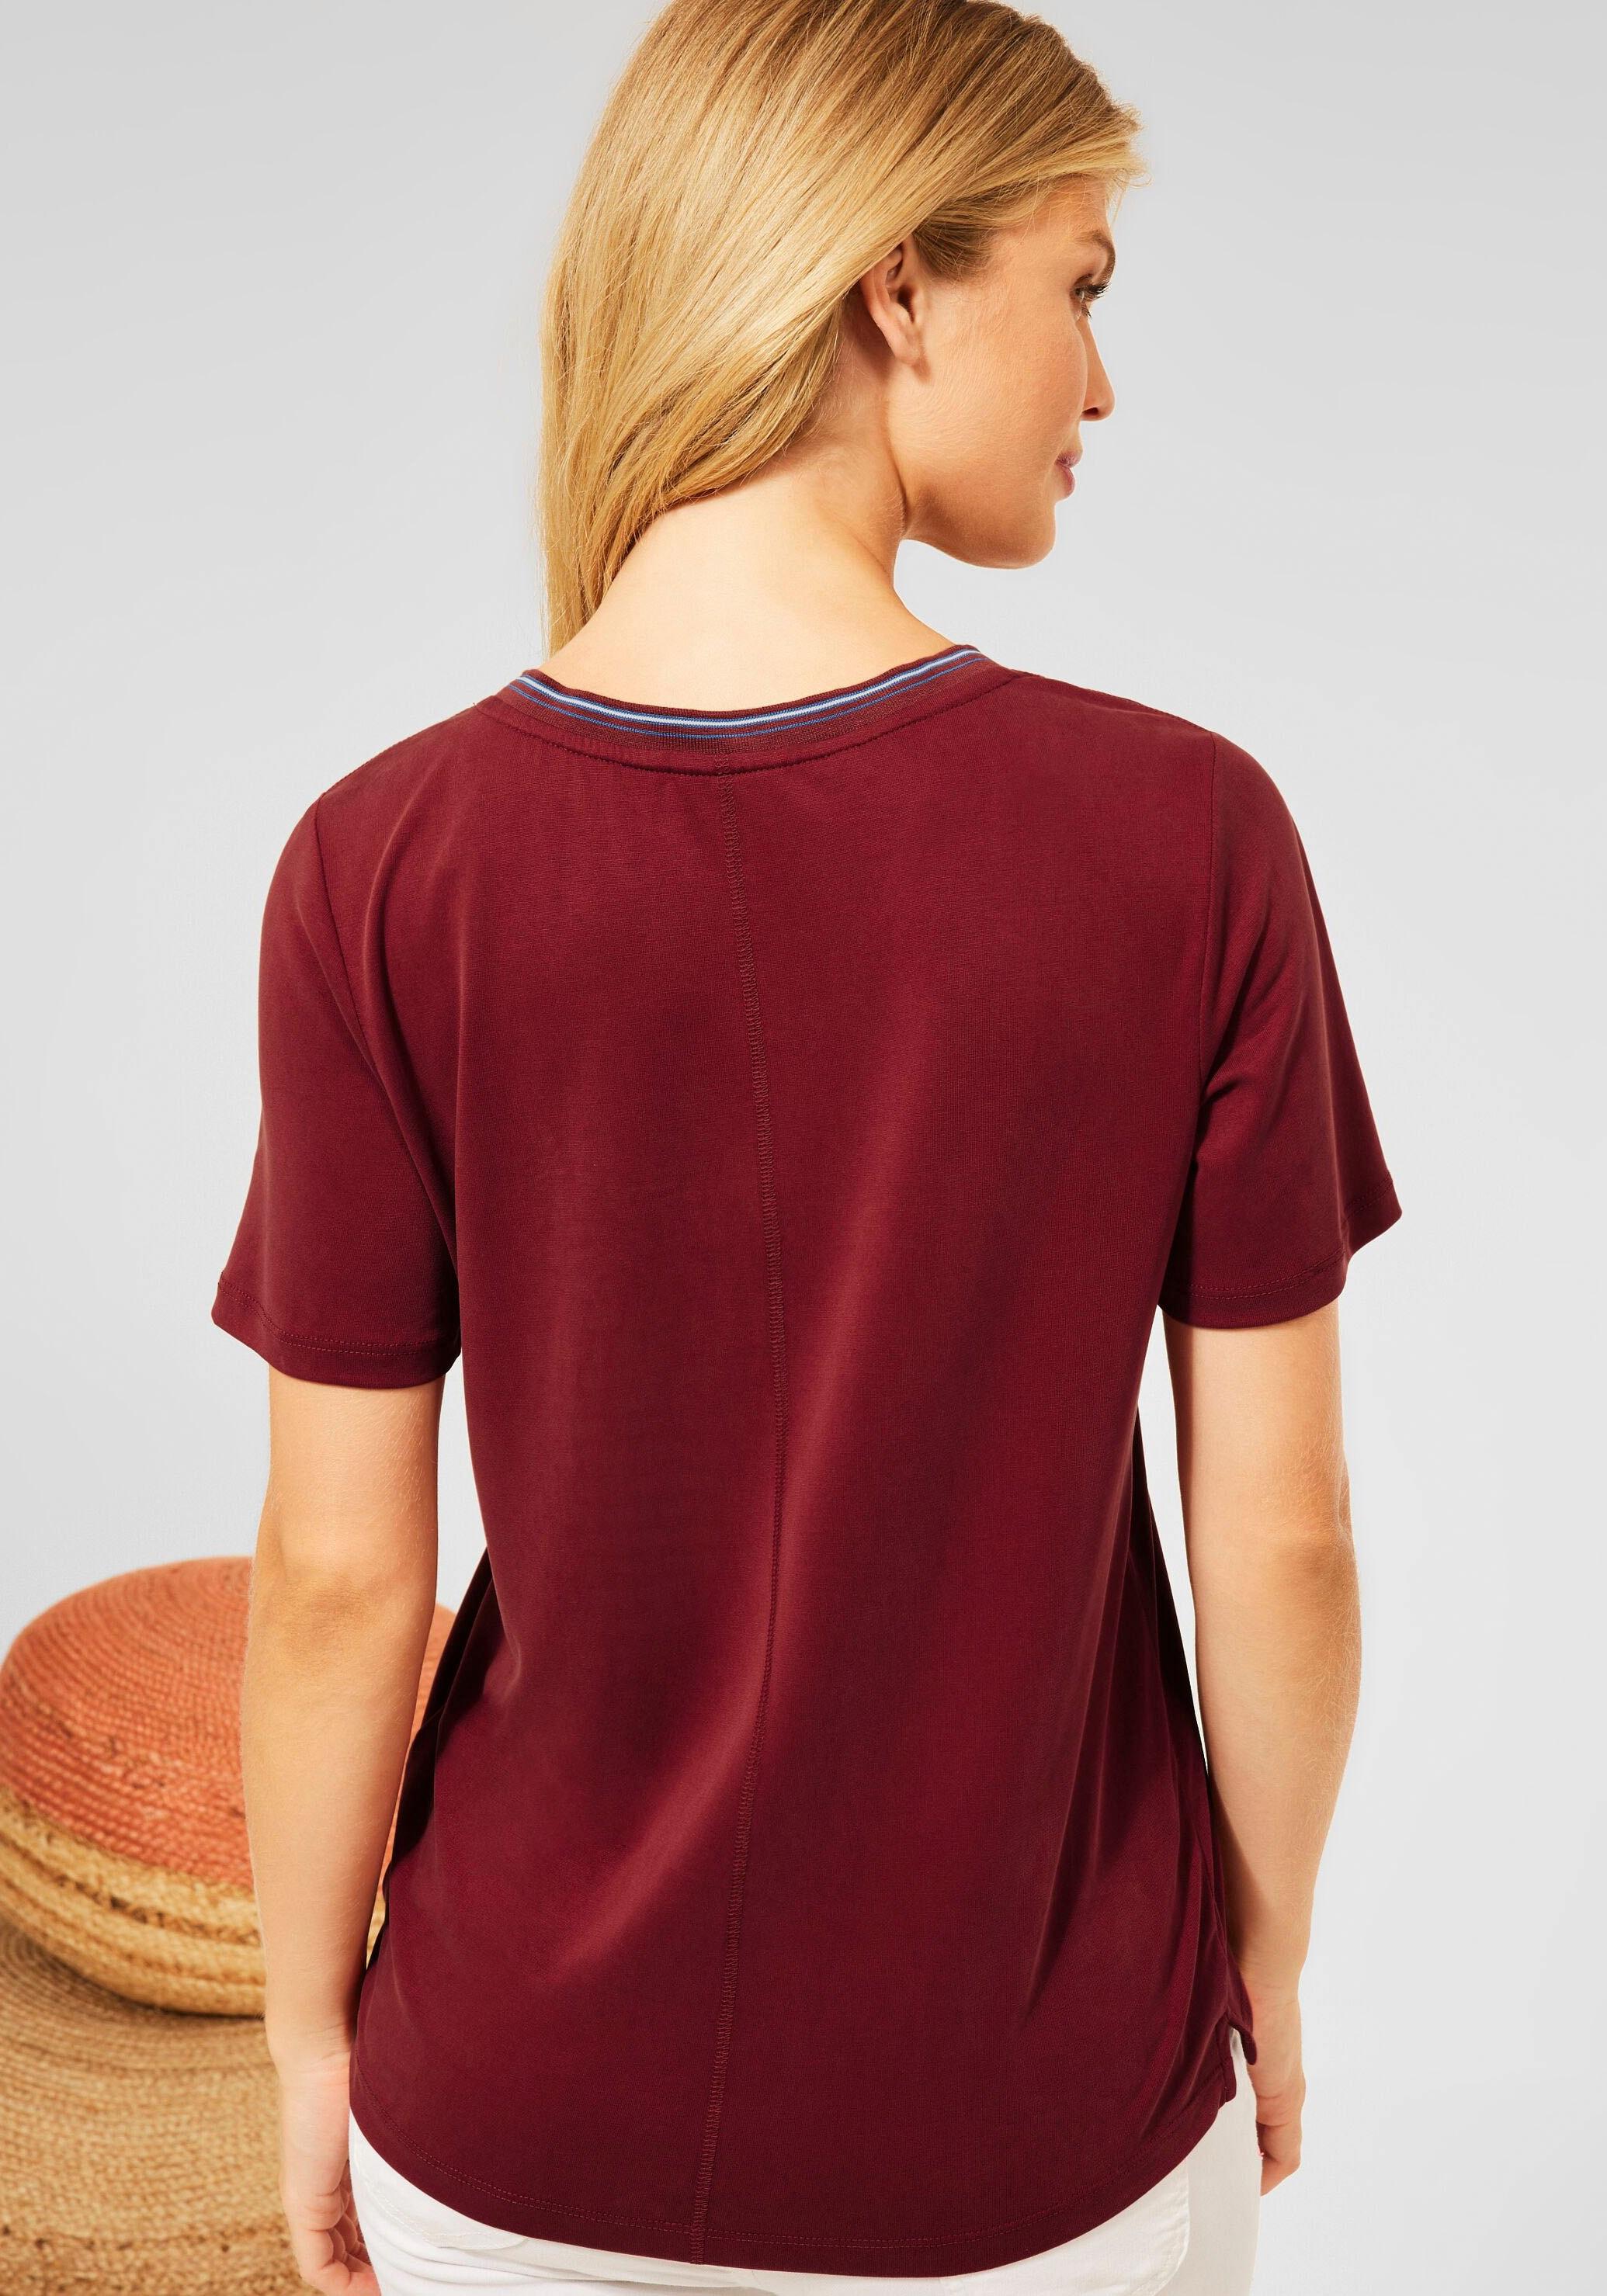 cecil -  V-Shirt, mit Kontrastbesatz am Ausschnitt